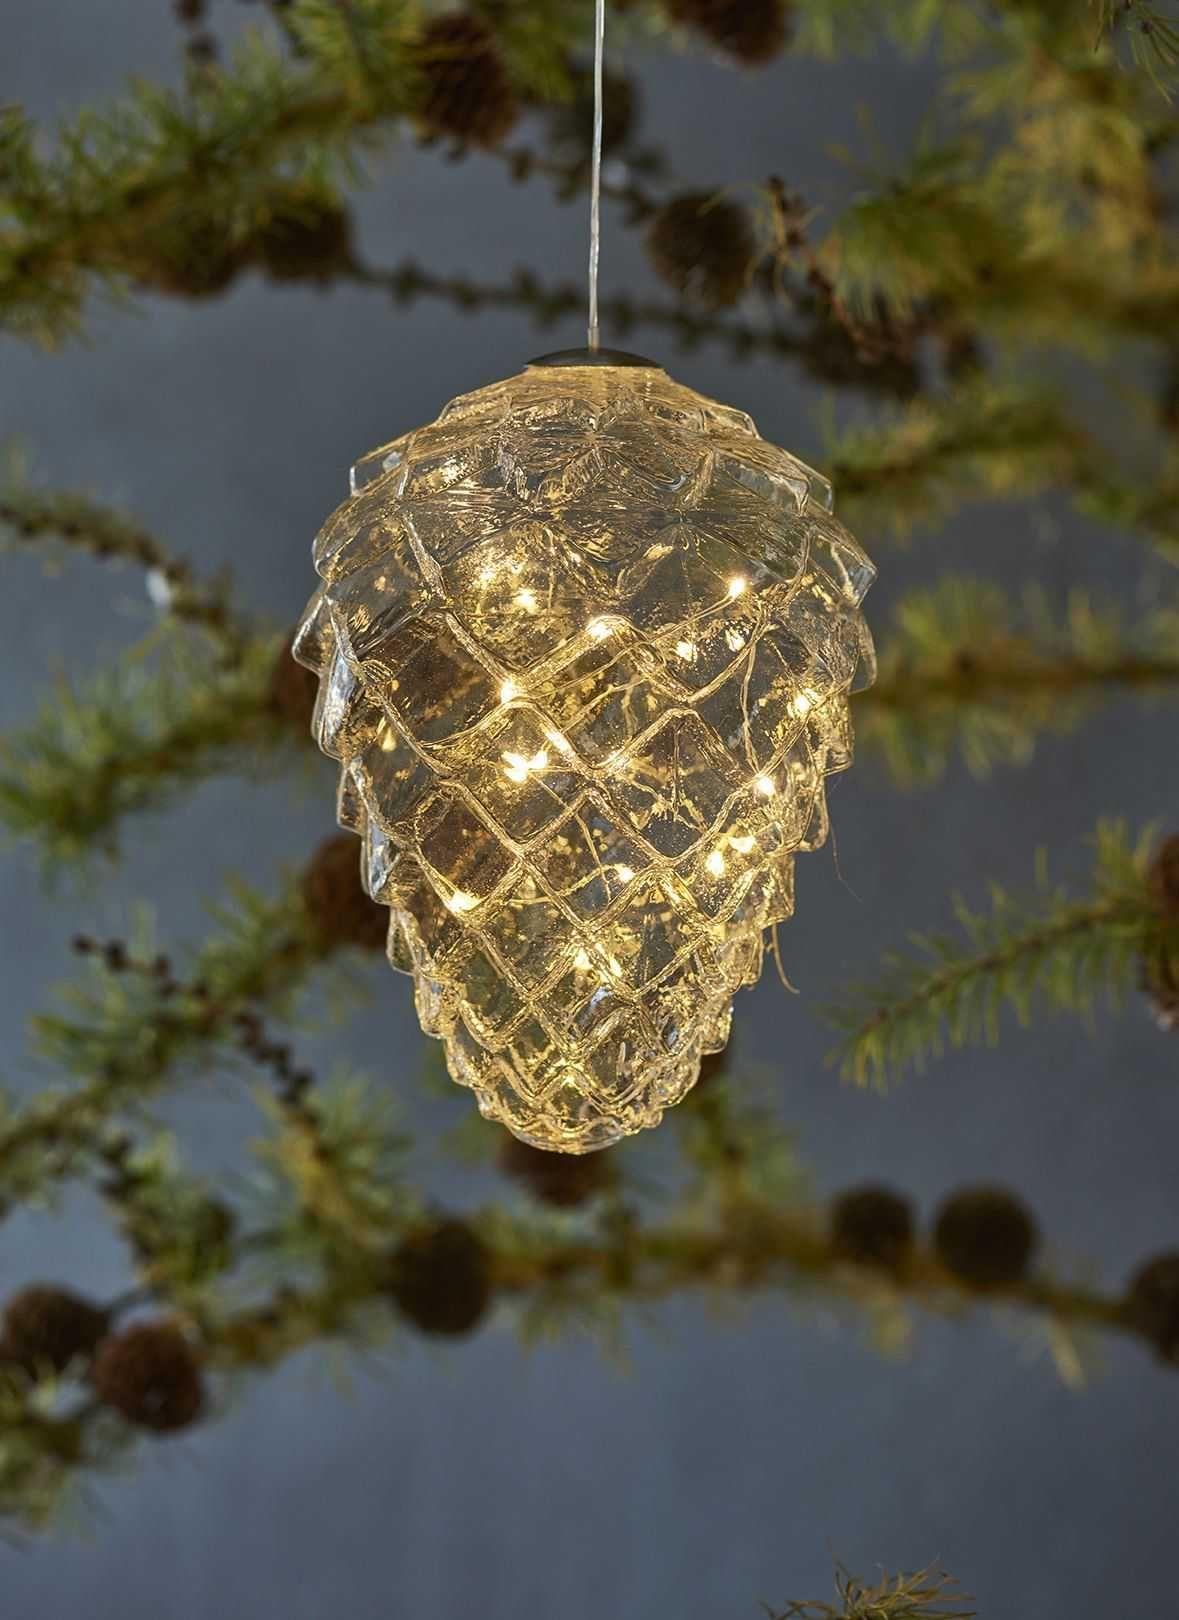 Leuchtmittel Weihnachtsbeleuchtung.Pin Von Georg Steinegger Auf Weihnachtsbeleuchtung Leuchtmittel